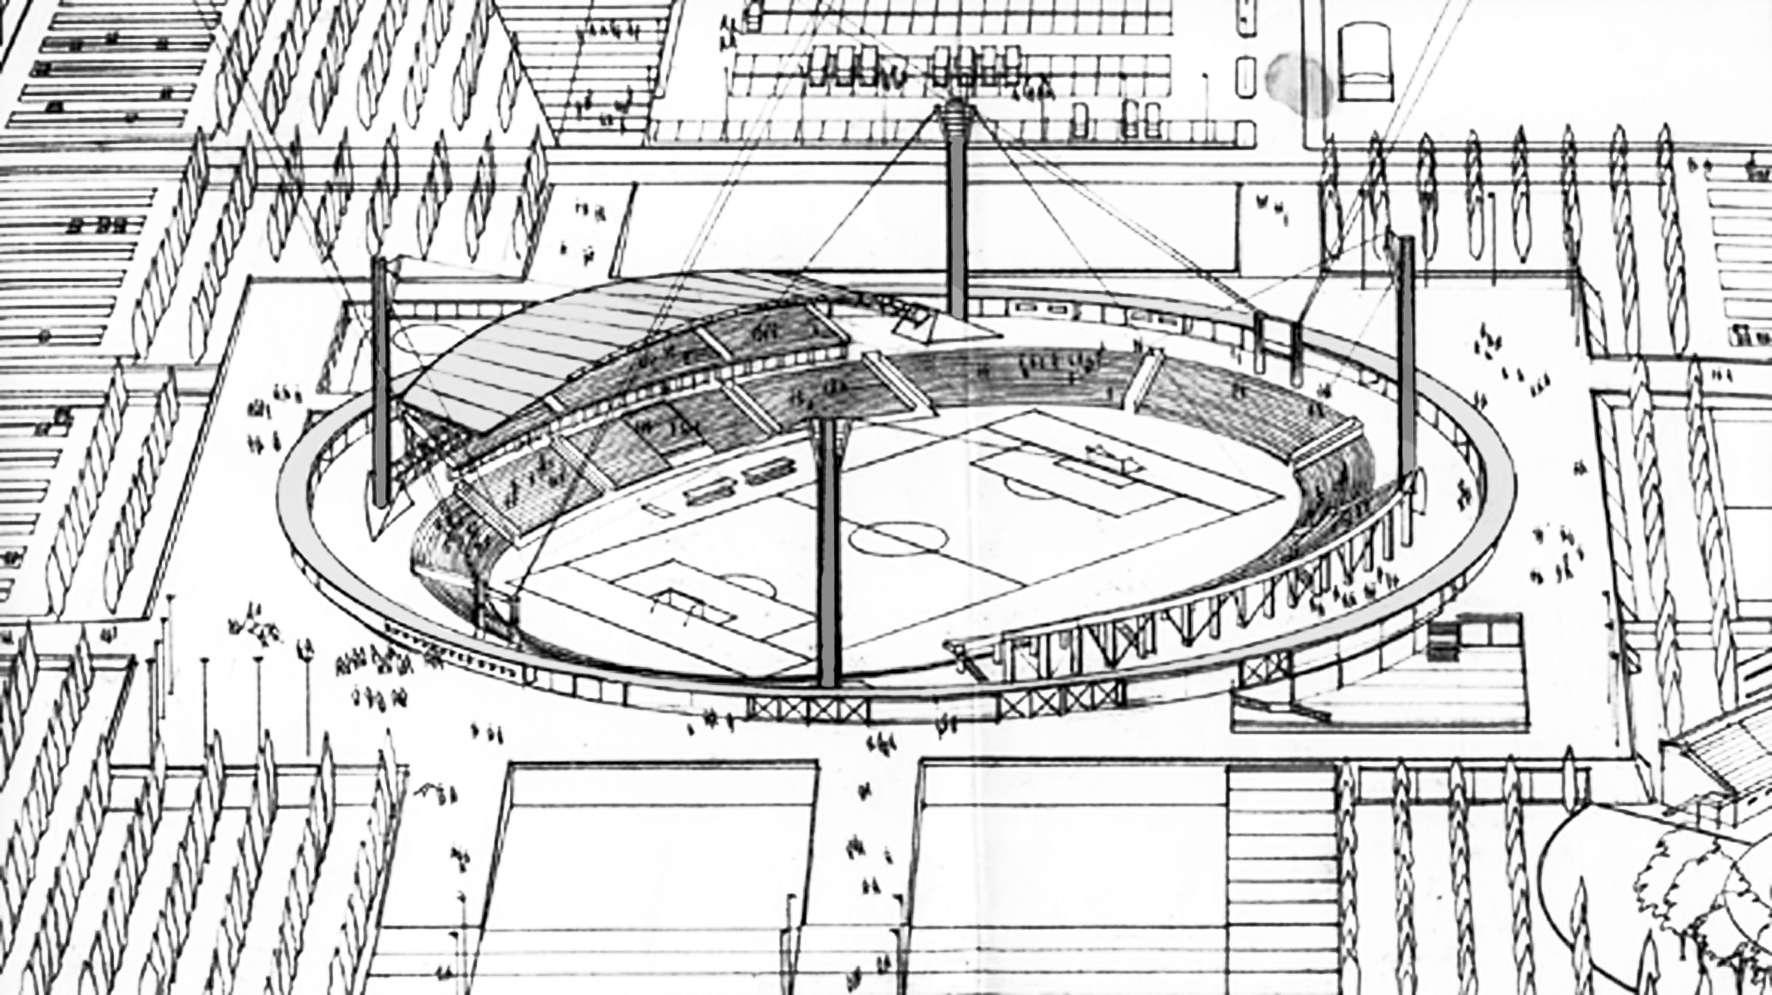 Concurso Nacional de Anteproyectos – Estadio Unico